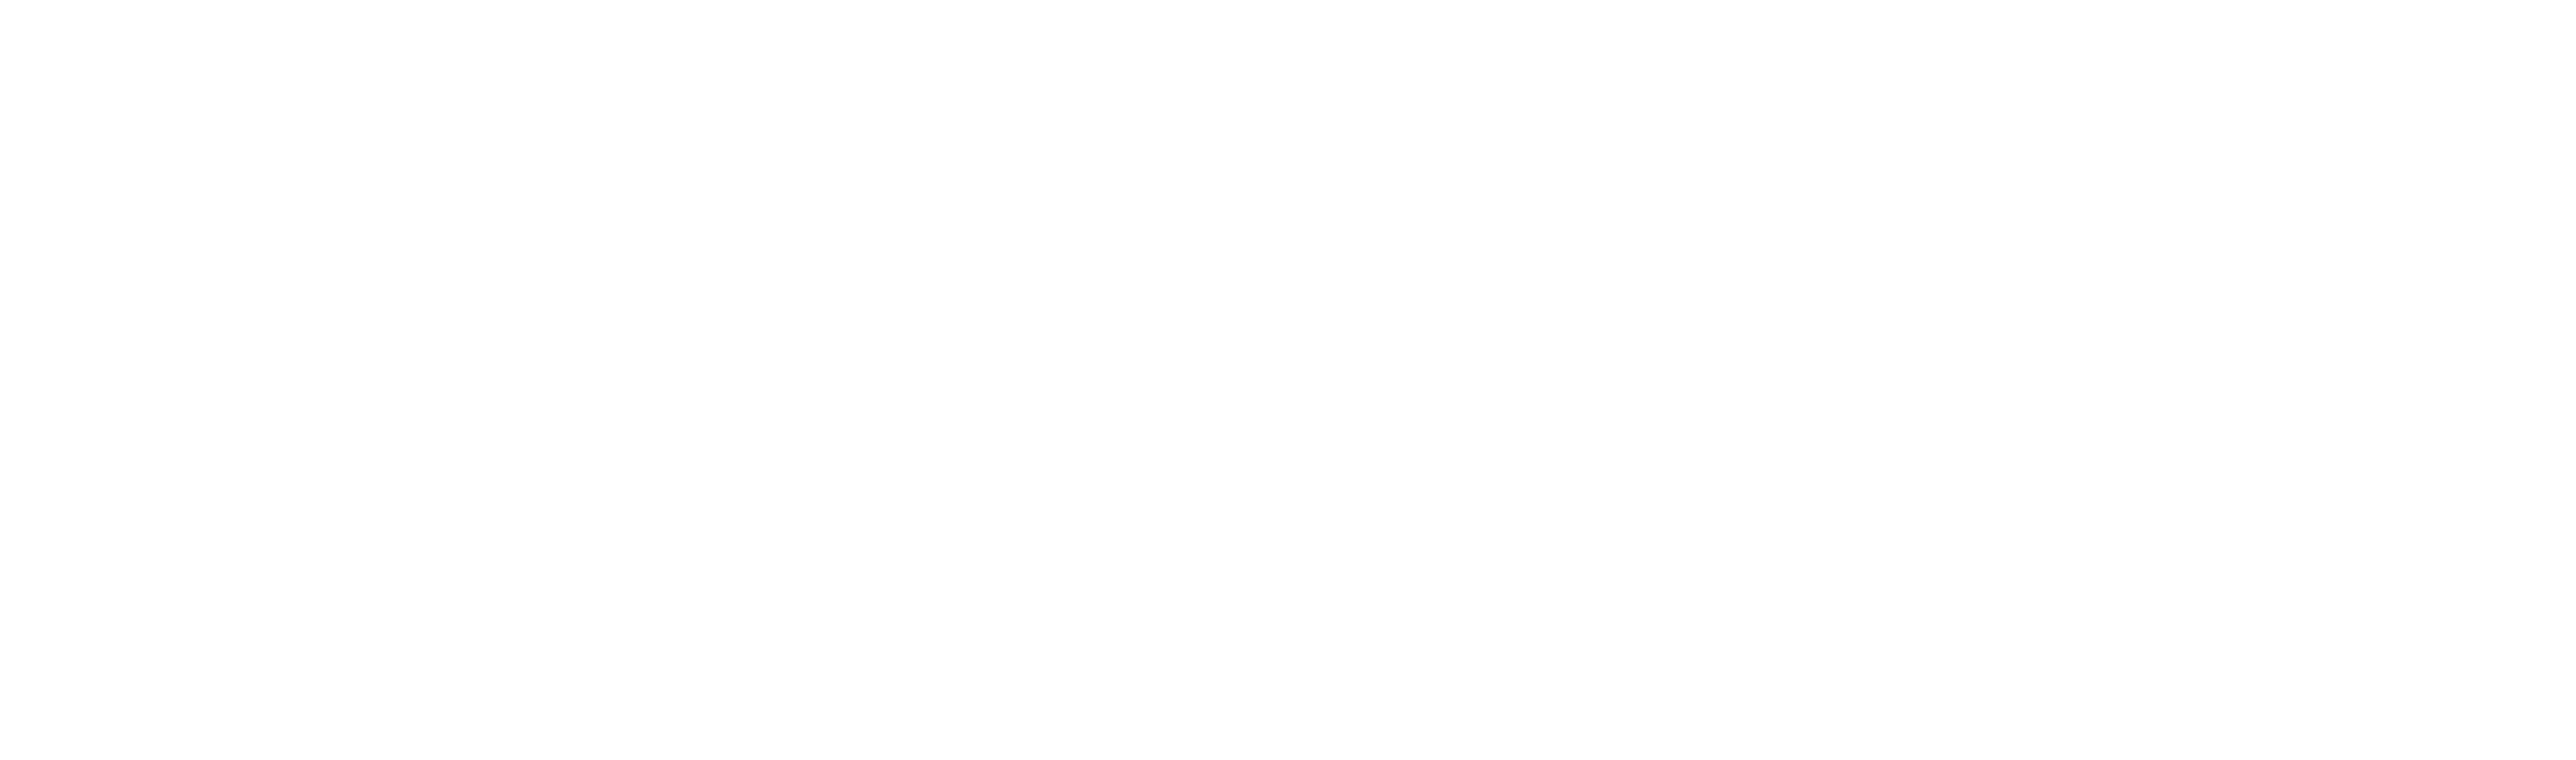 SmartRDI